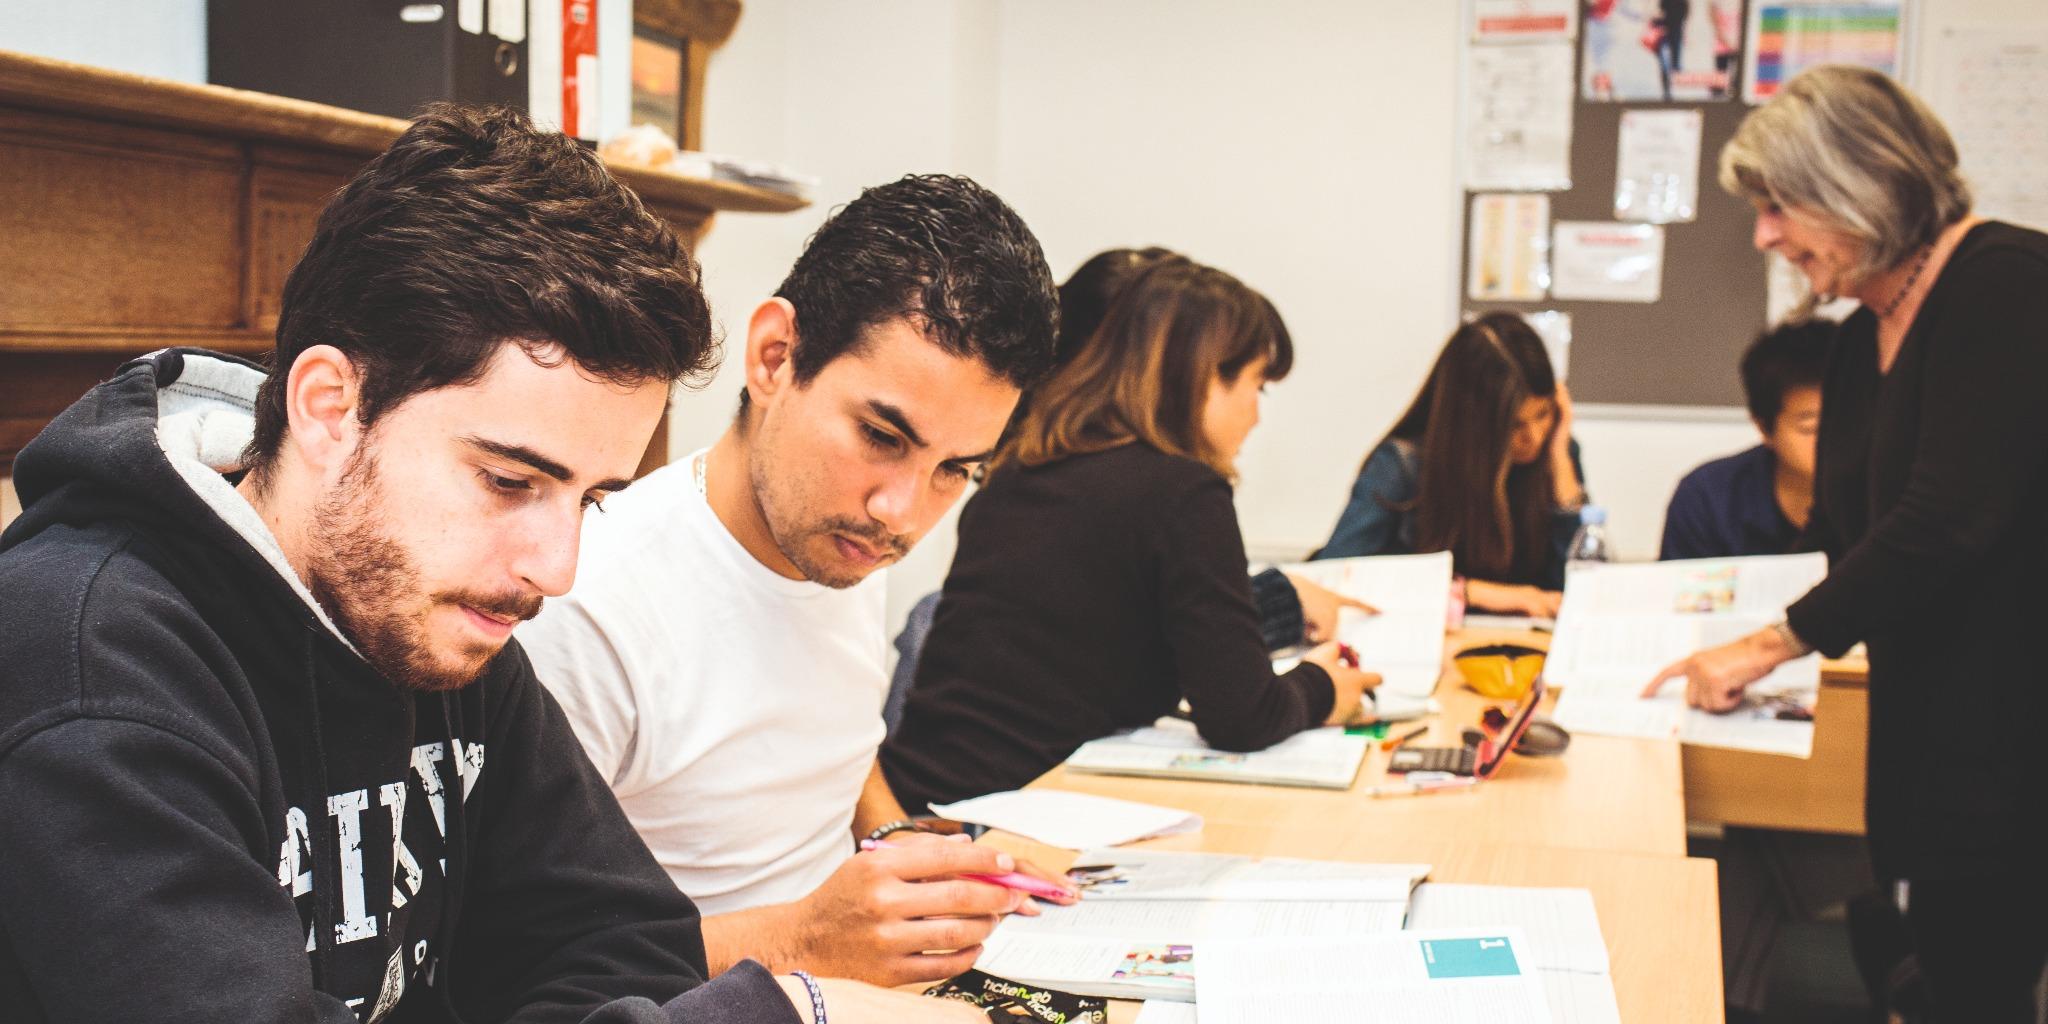 中高生夏休み留学 イギリス・ブライトン シュプラッハカフェ 勉強 英語 クラス クラスメイト